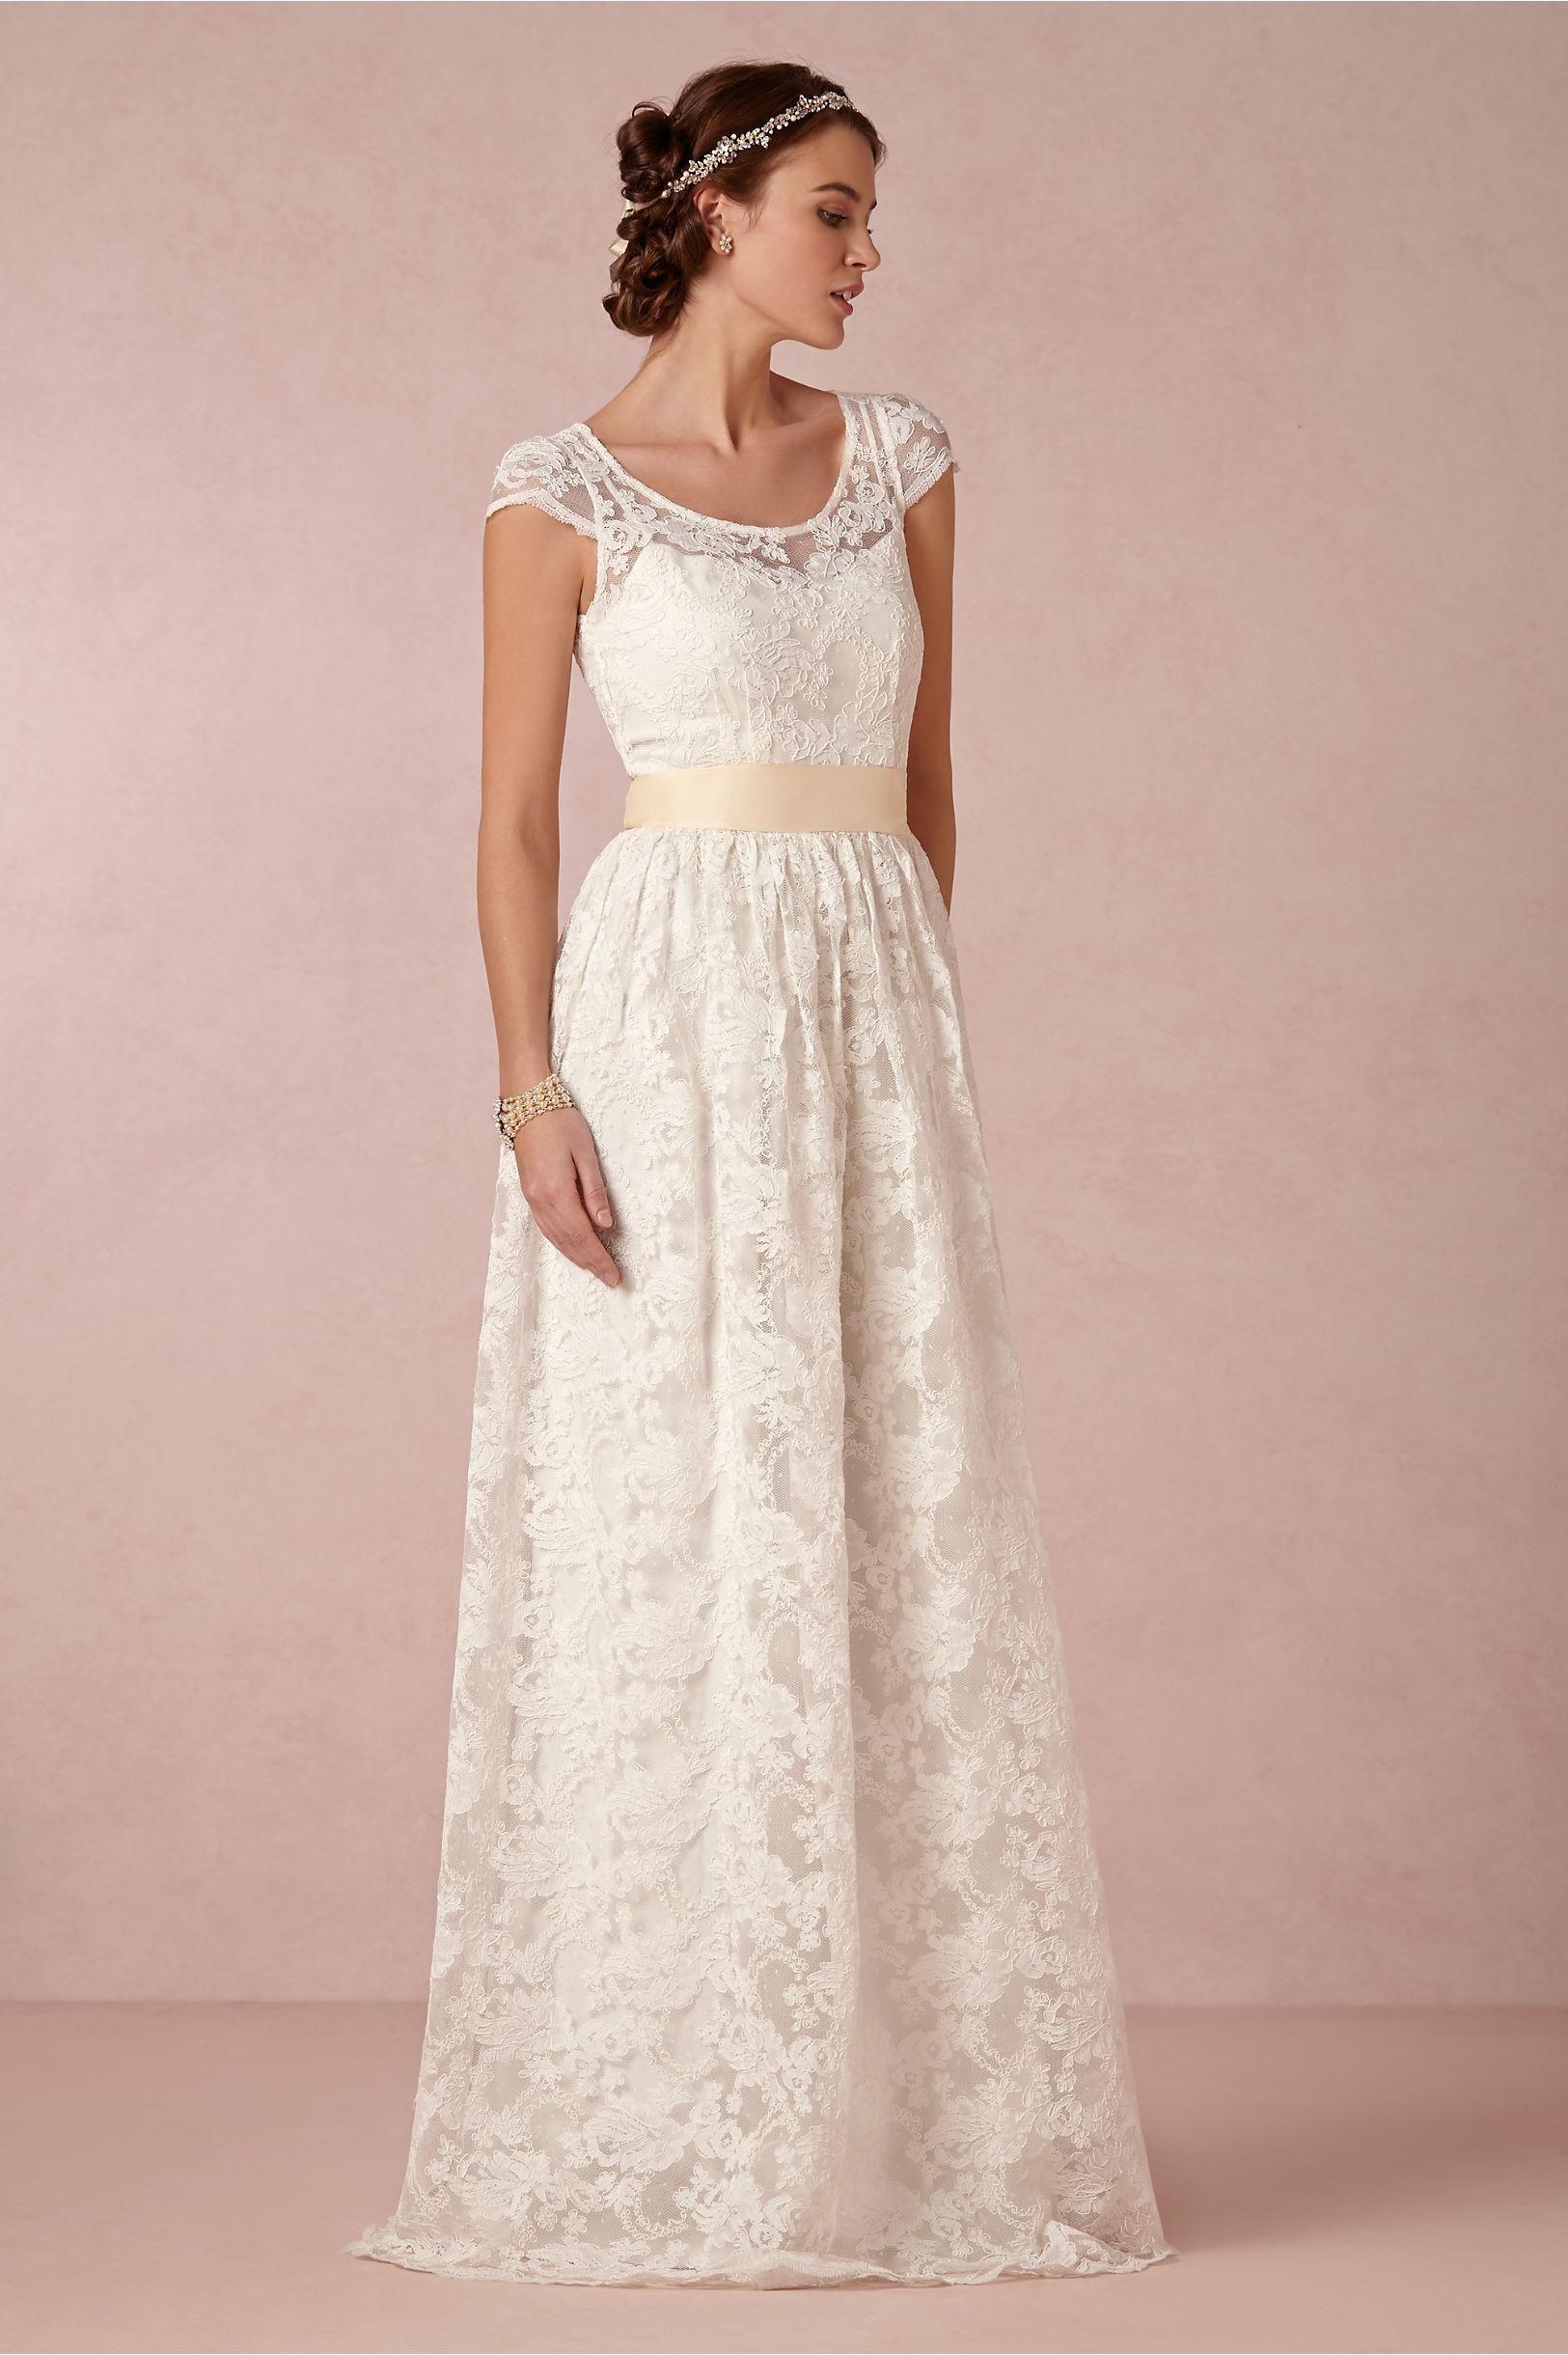 Ellie Gown from Leanne Marshall for BHLDN | vestidos | Pinterest ...